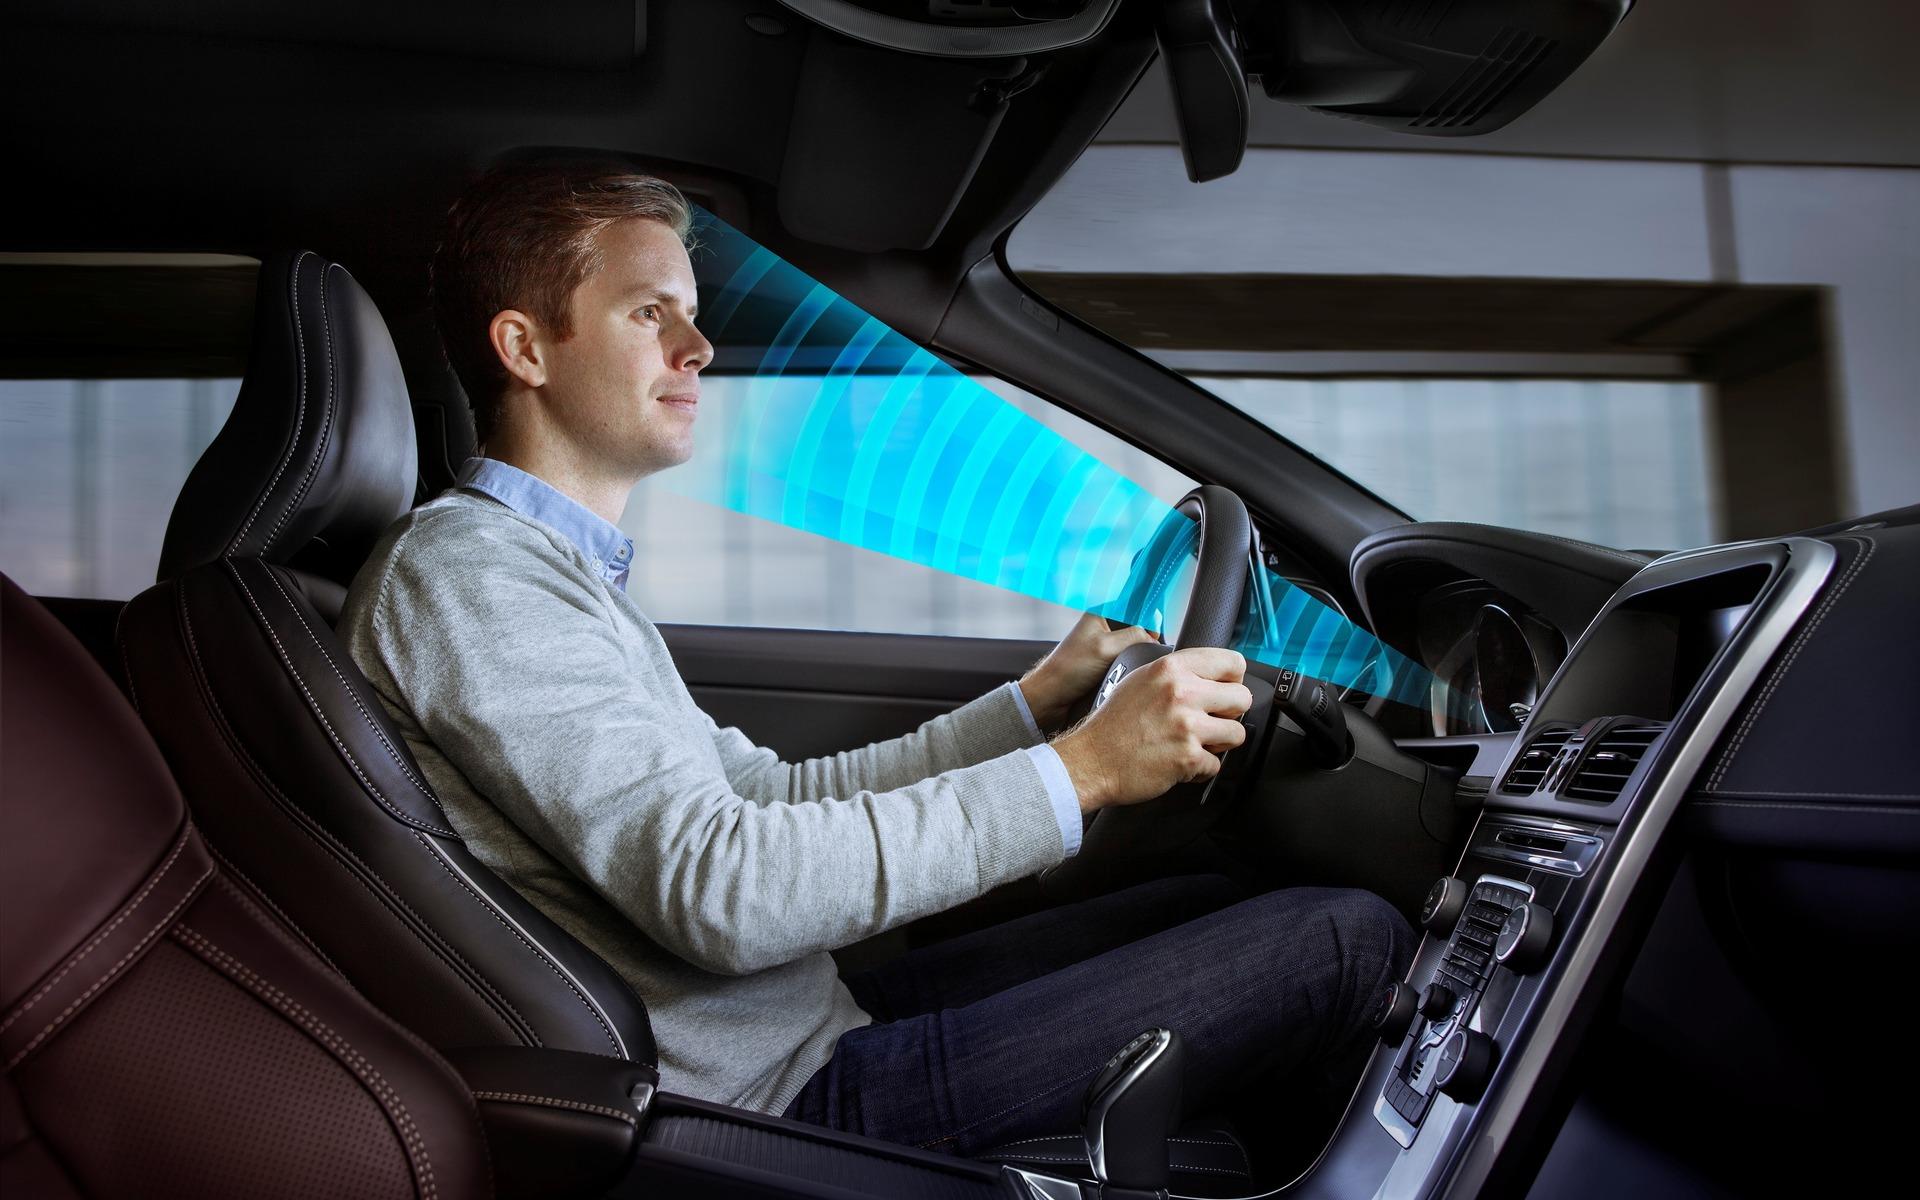 d tecteur de somnolence au volant un accessoire qui peut sauver des vies guide auto. Black Bedroom Furniture Sets. Home Design Ideas